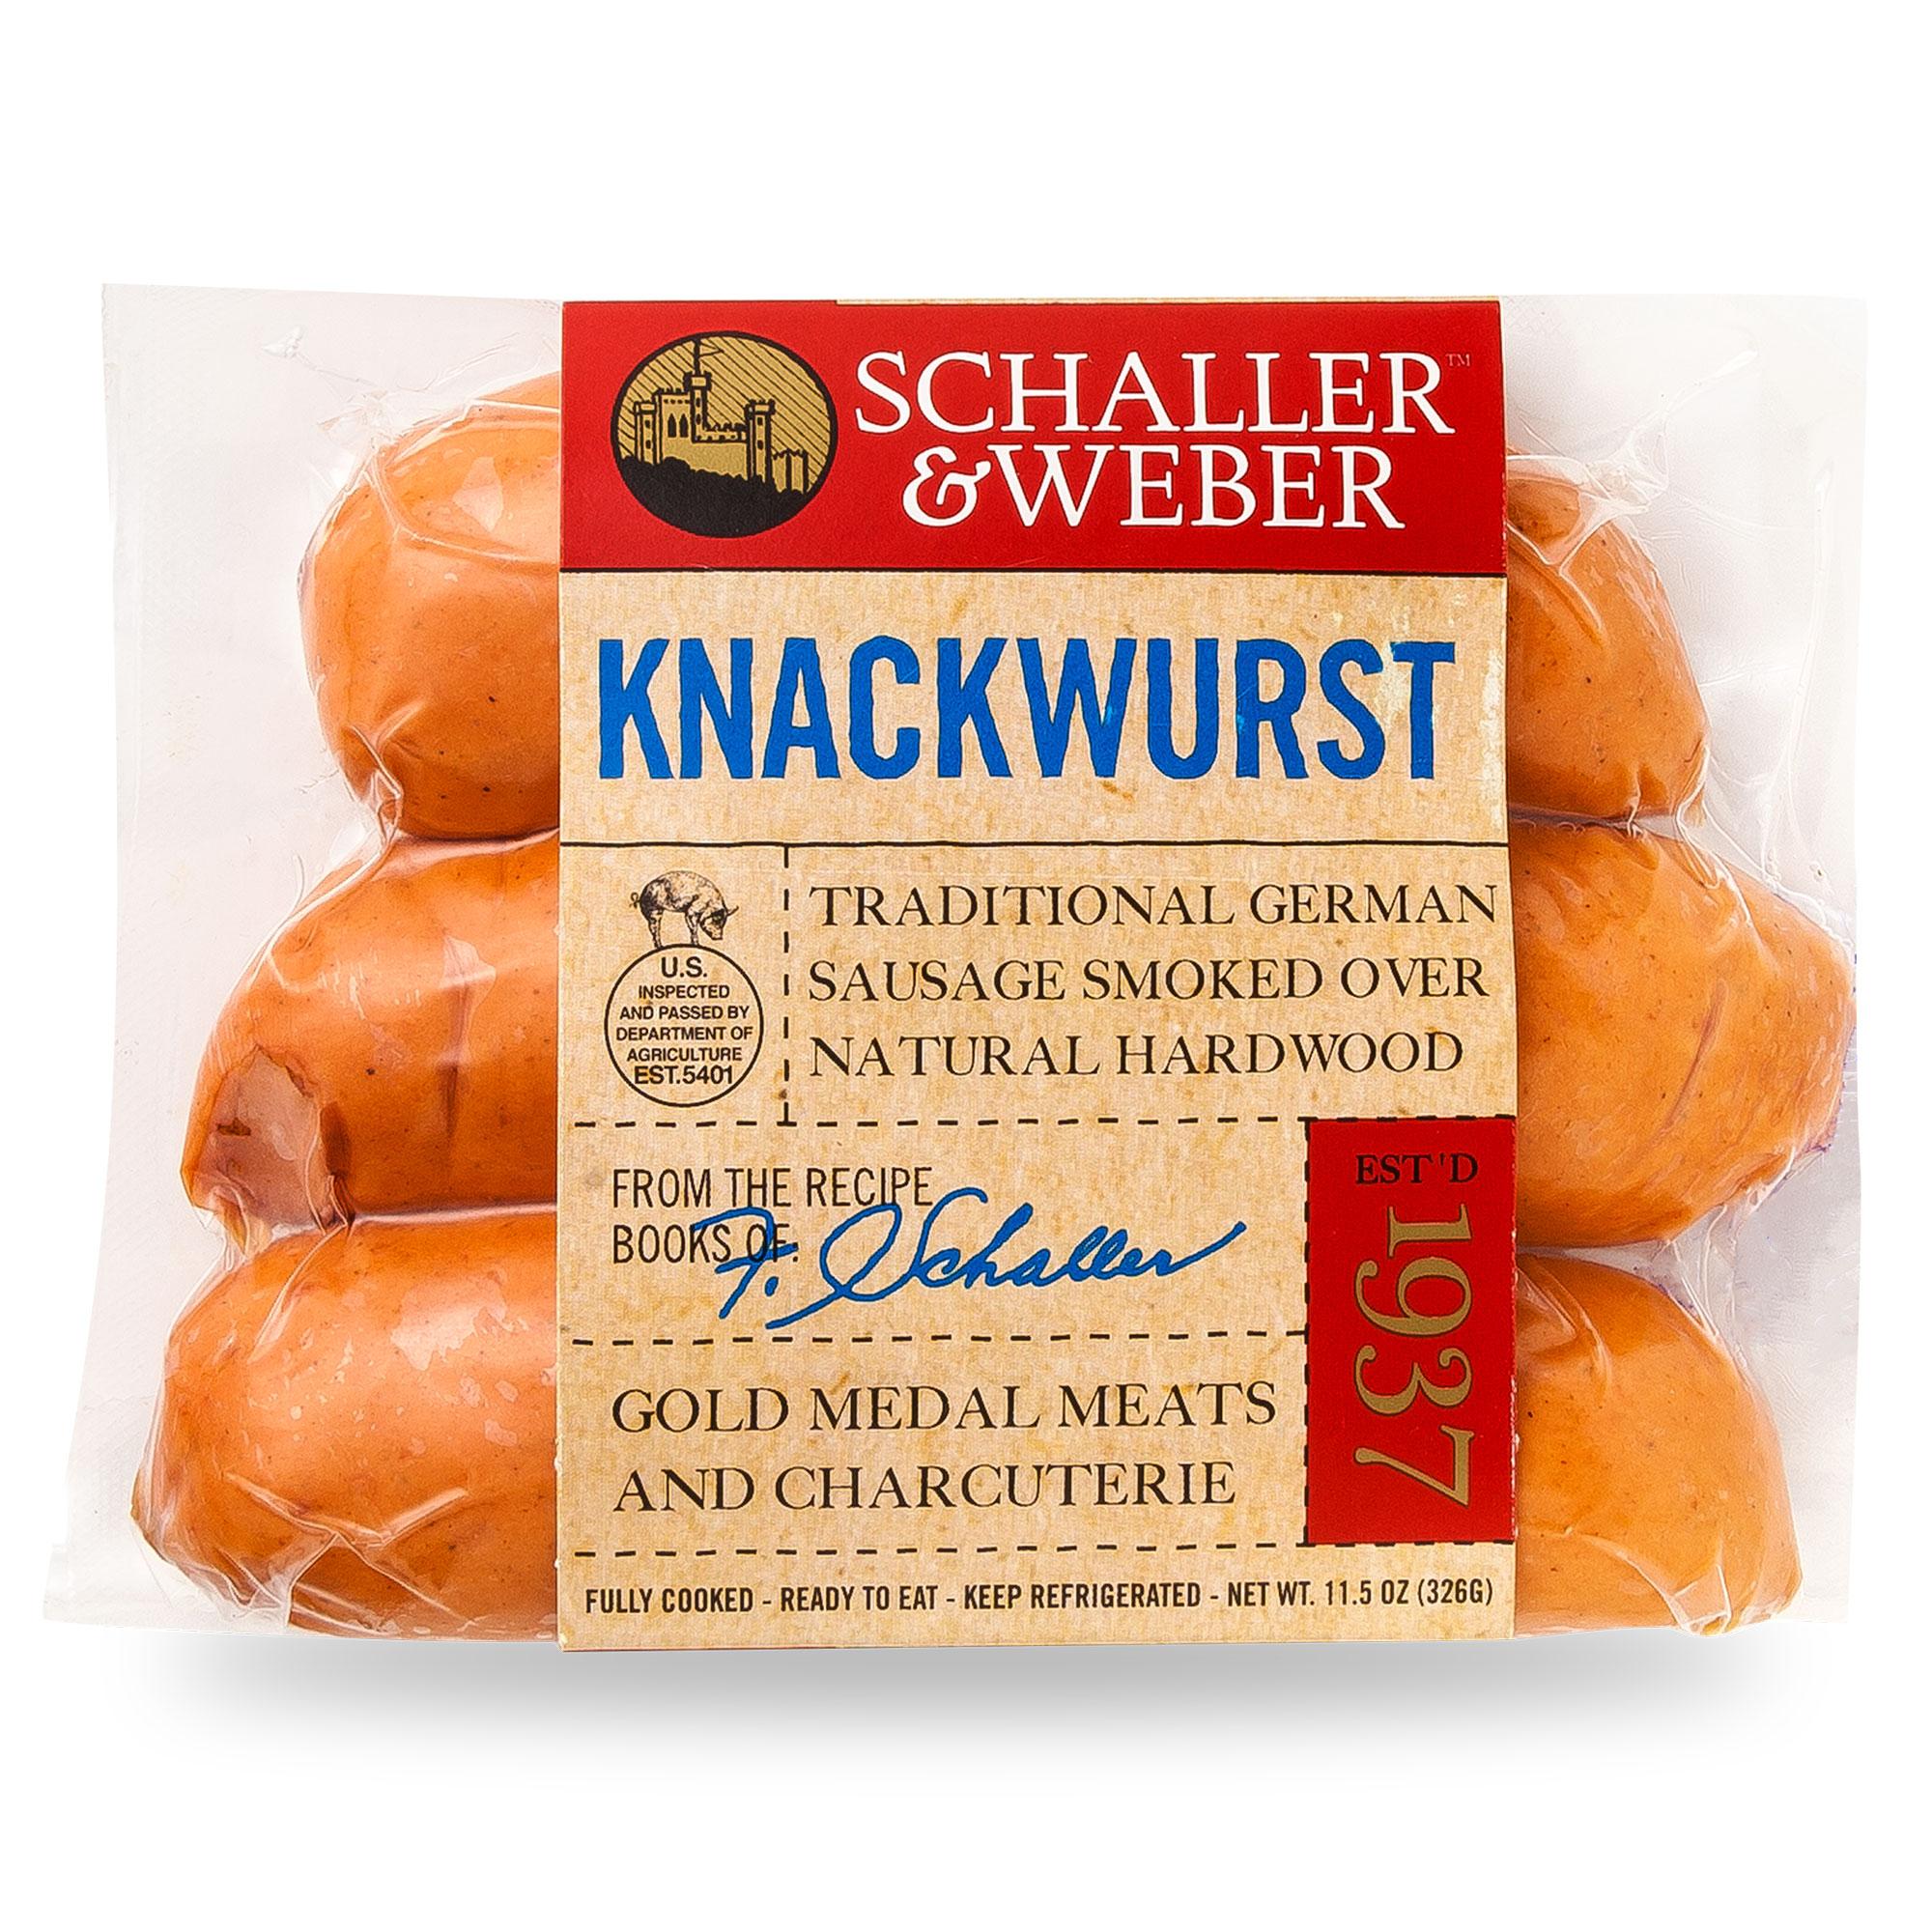 10120-knackwurst-in-package-retail.jpg